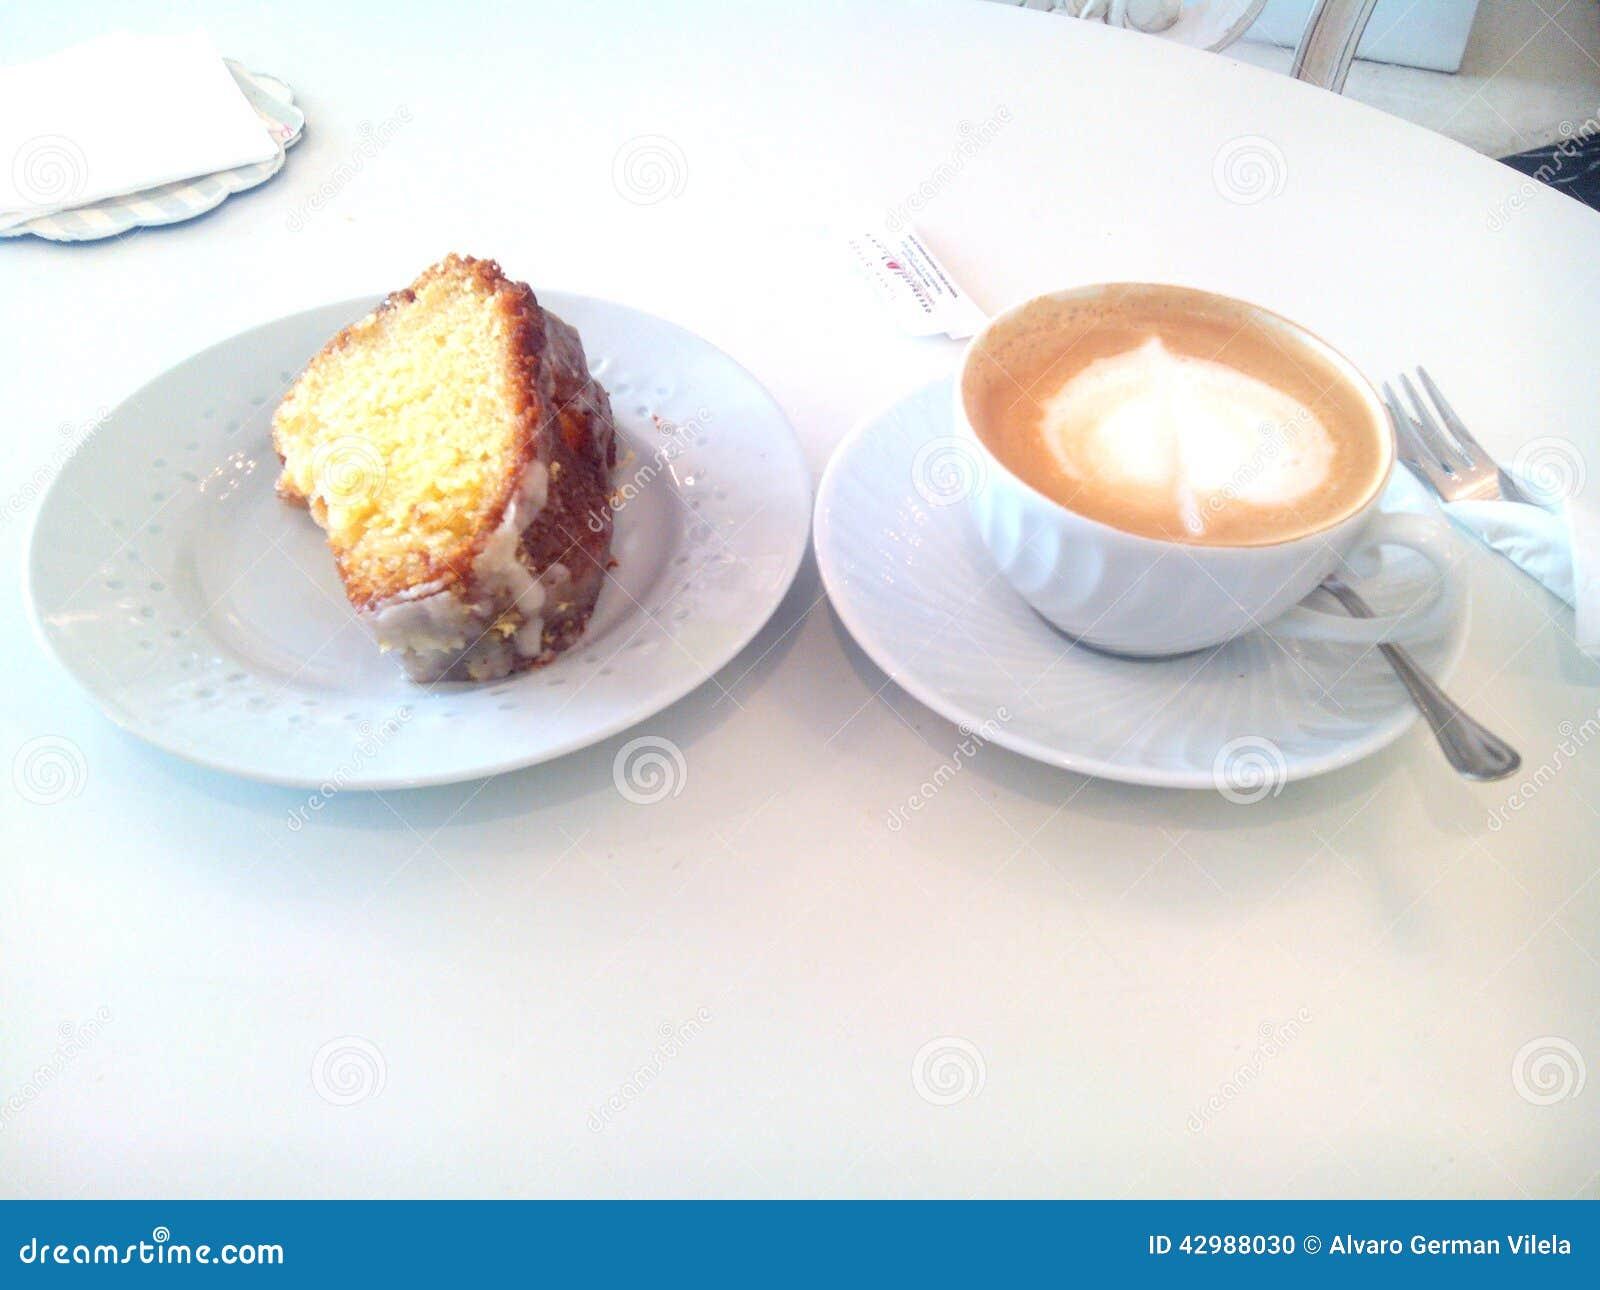 Homeade Coffe Cake